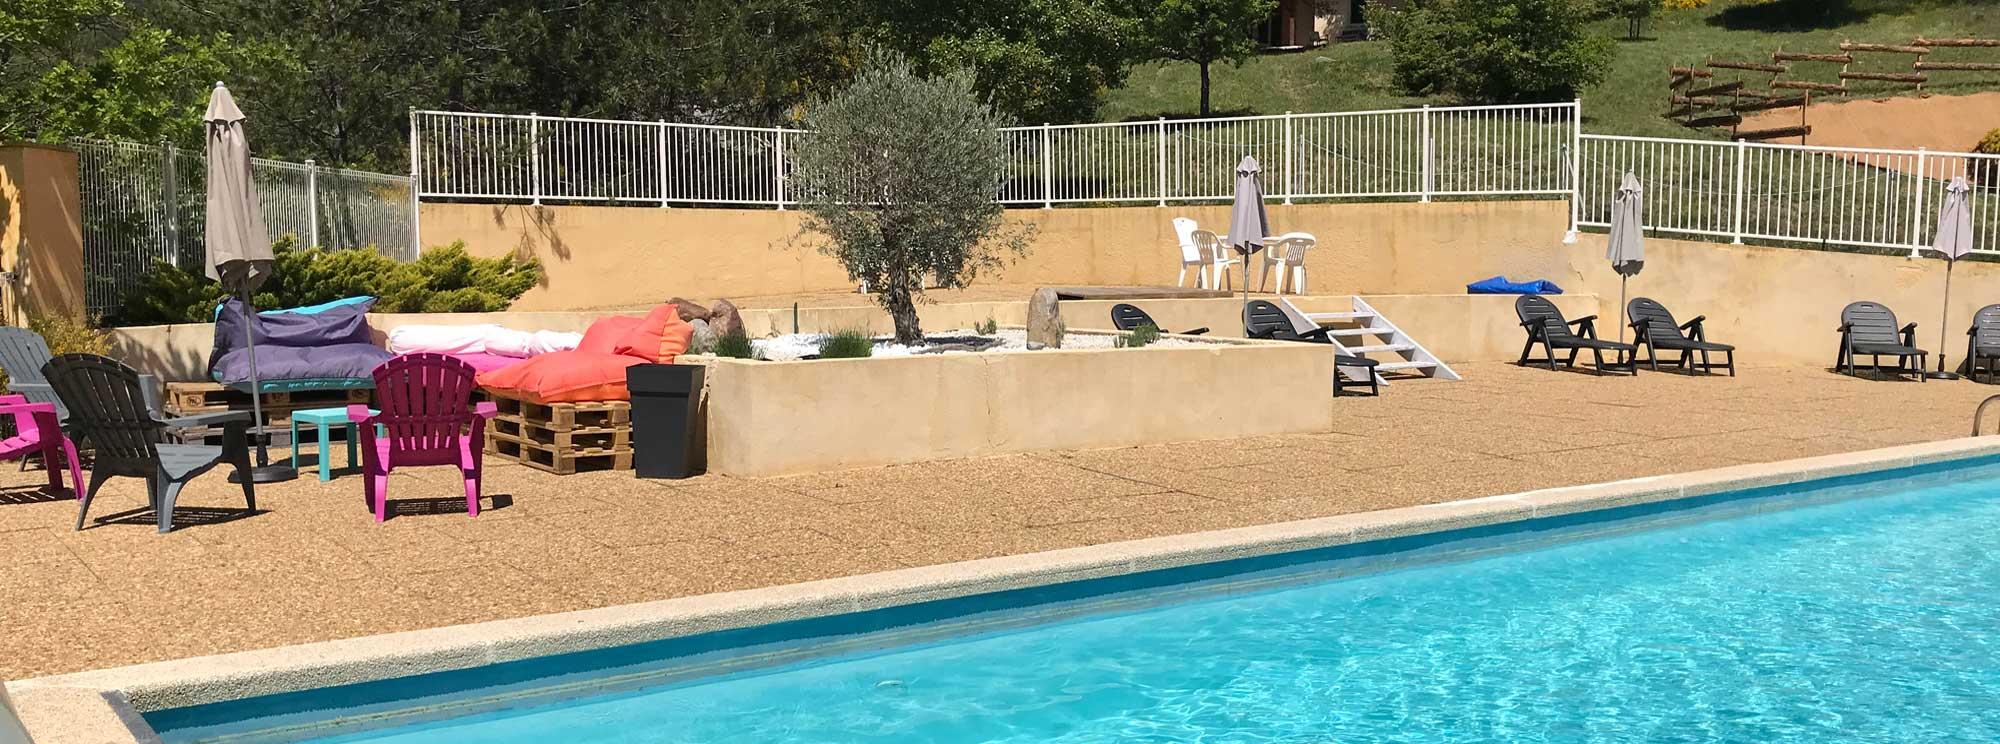 Piscine sisteron - Piscine municipale aix en provence ...